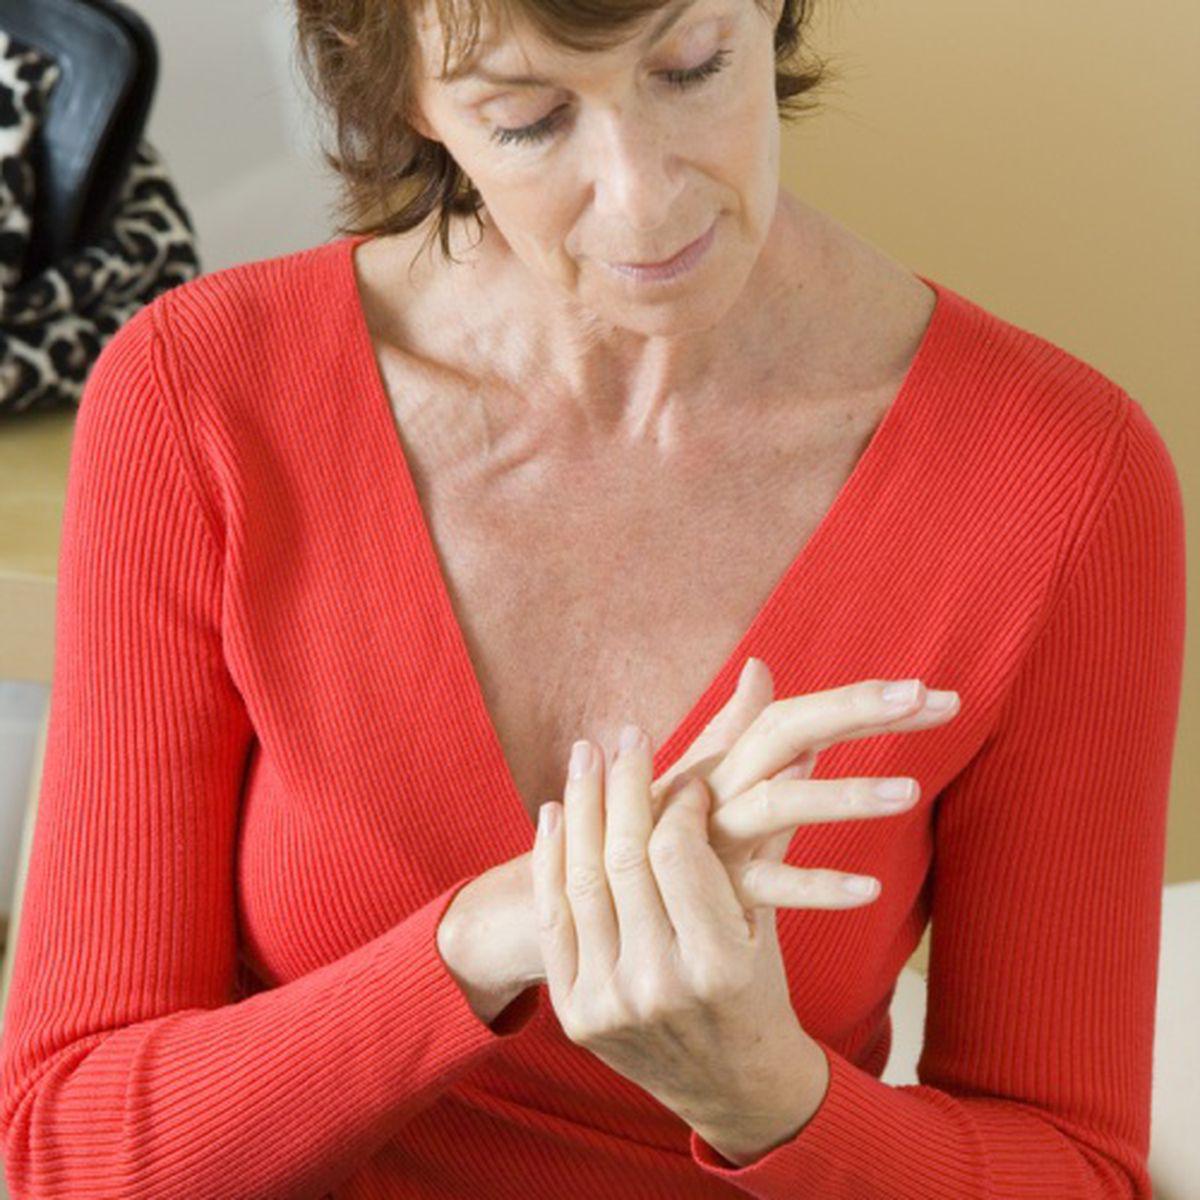 cum să tratezi tratamentul articrozei articulare